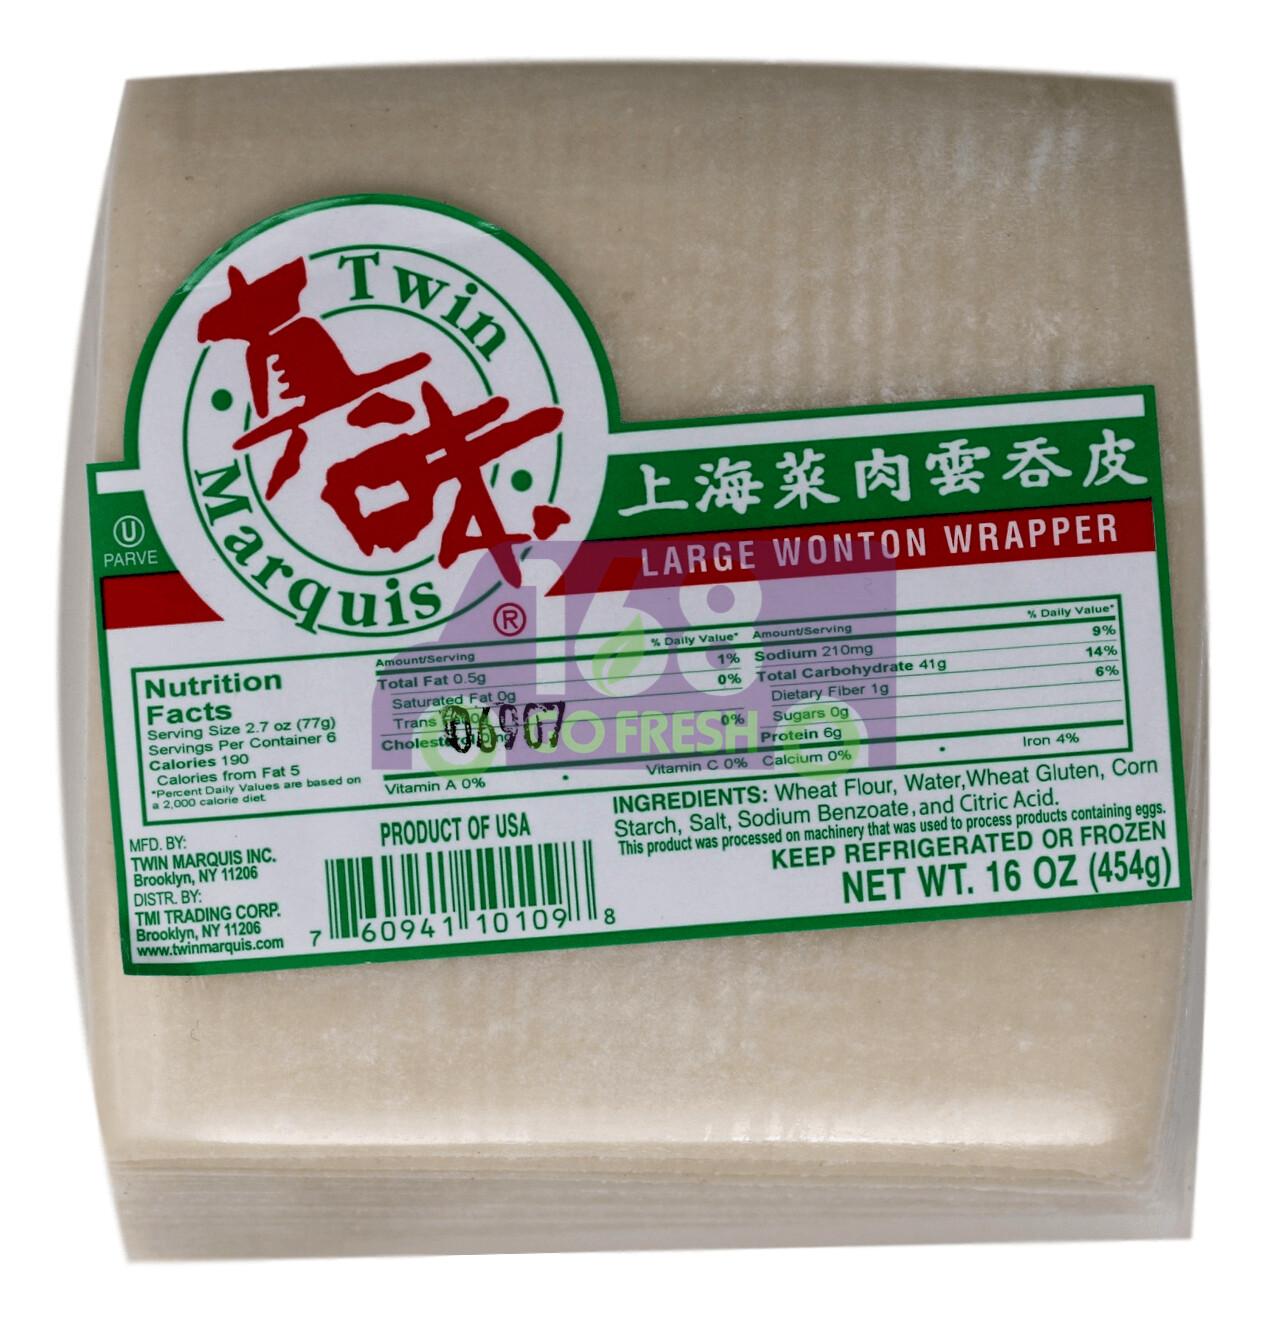 TM LARGE WONTON WRAPPER 真味 上海 菜肉云吞皮(16OZ)